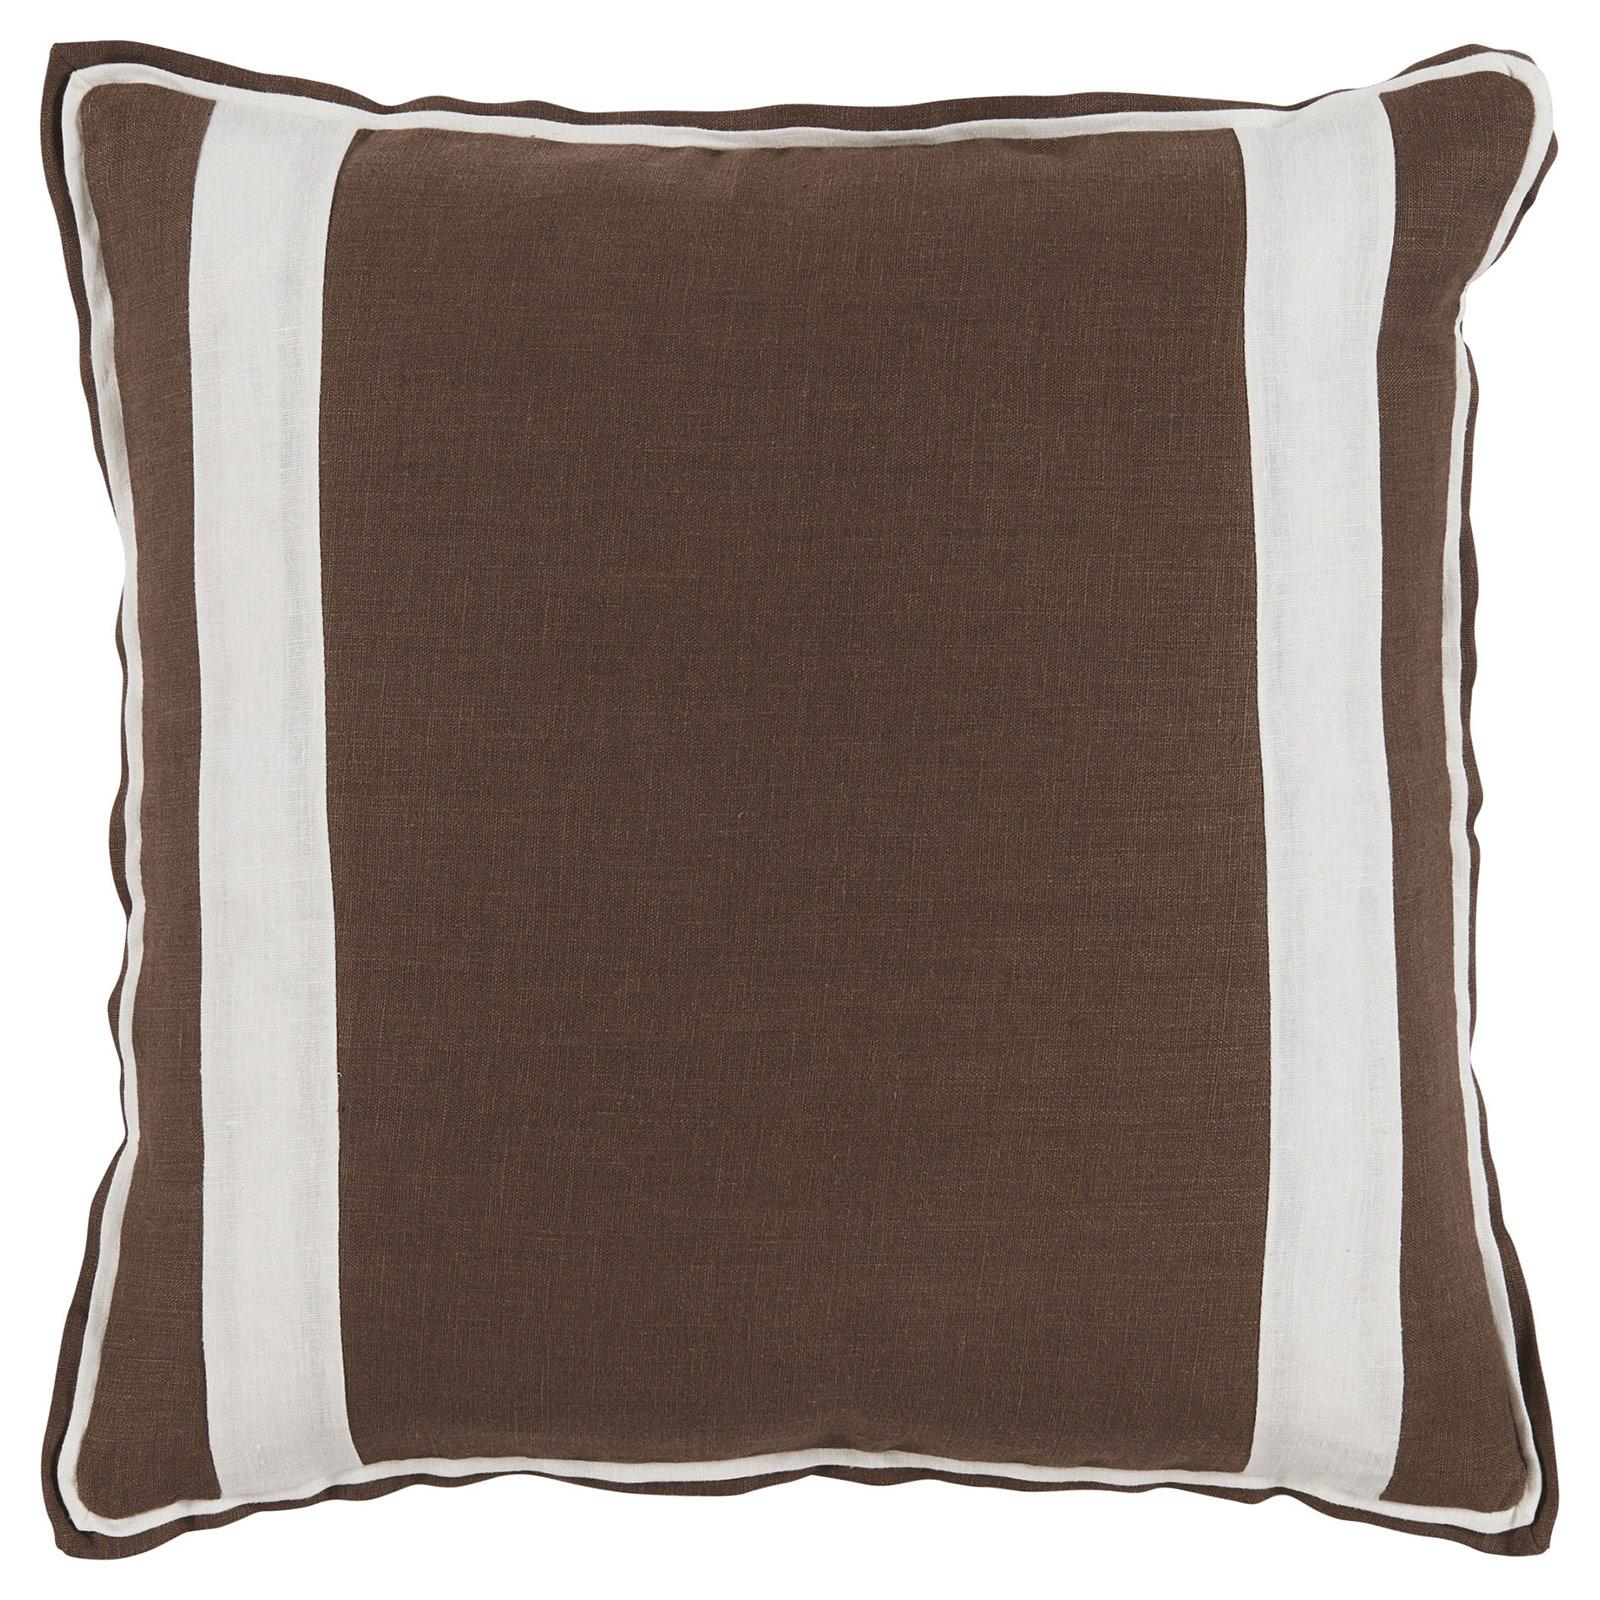 Bobbi Modern Classic Bold Stripe Brown Linen Pillow - 20x20